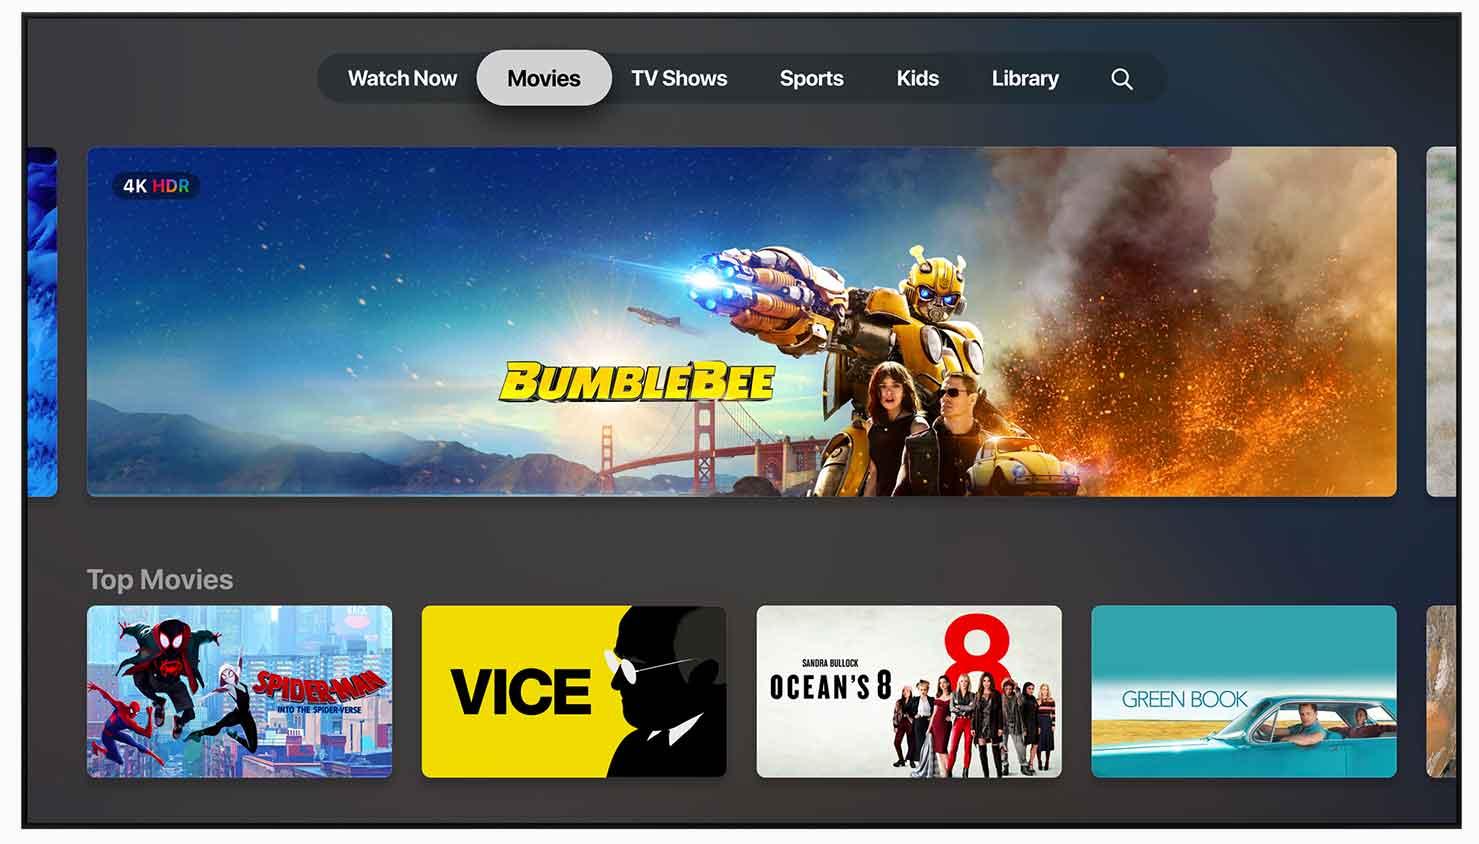 La piattaform Apple TV+ consente di abbonarsi ai propri canali preferiti, scegliendoli tra gli Apple TV Channels, e guardarli nell'app Apple TV.